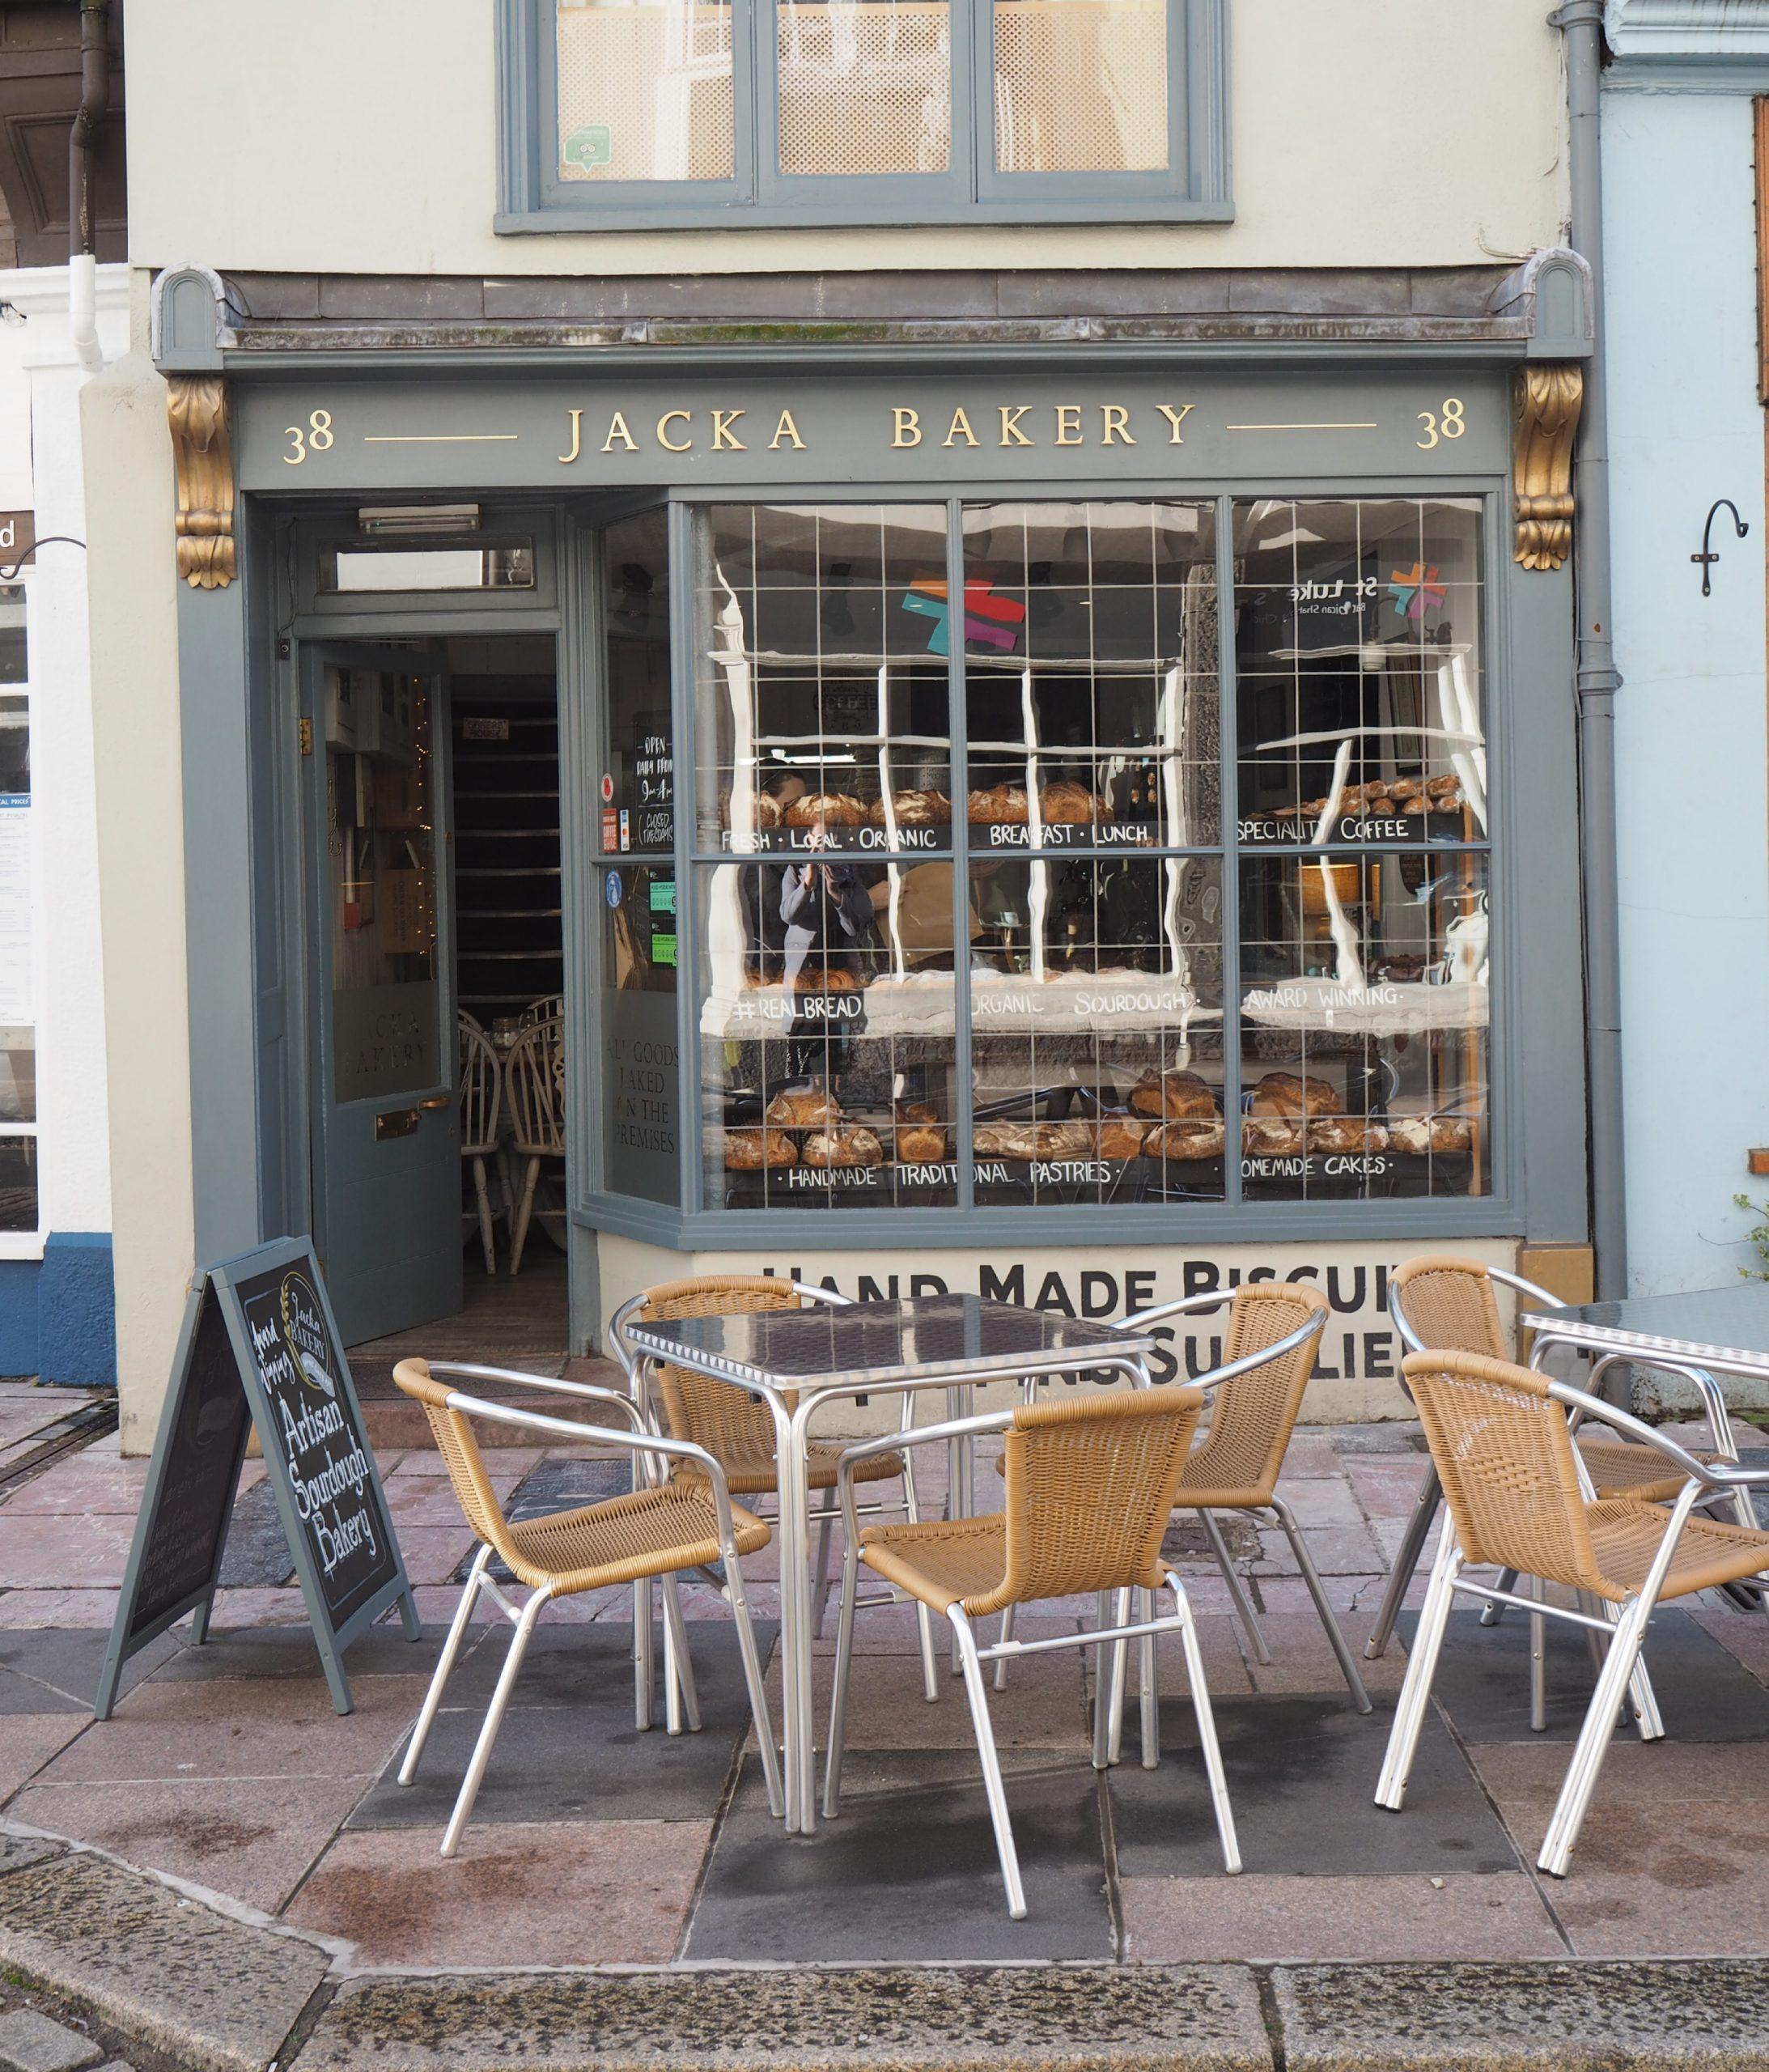 Jacka Bakery exterior